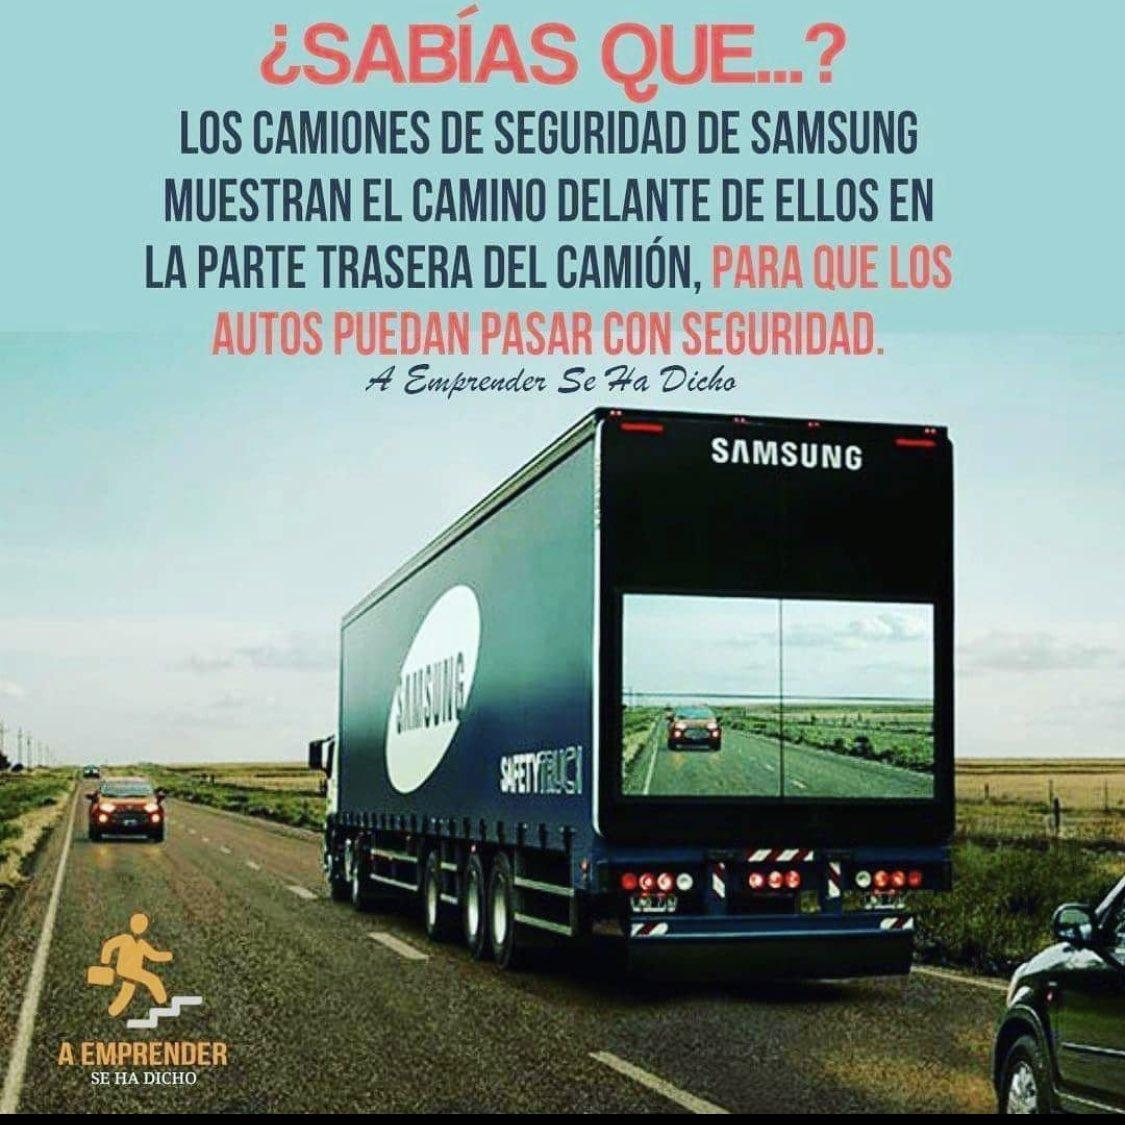 Excelente @SamsungCO @SamsungLatin 👏🏻👏🏻👏🏻👏🏻  #siempreinnovando  #Samsung https://t.co/FHOHtjAeks